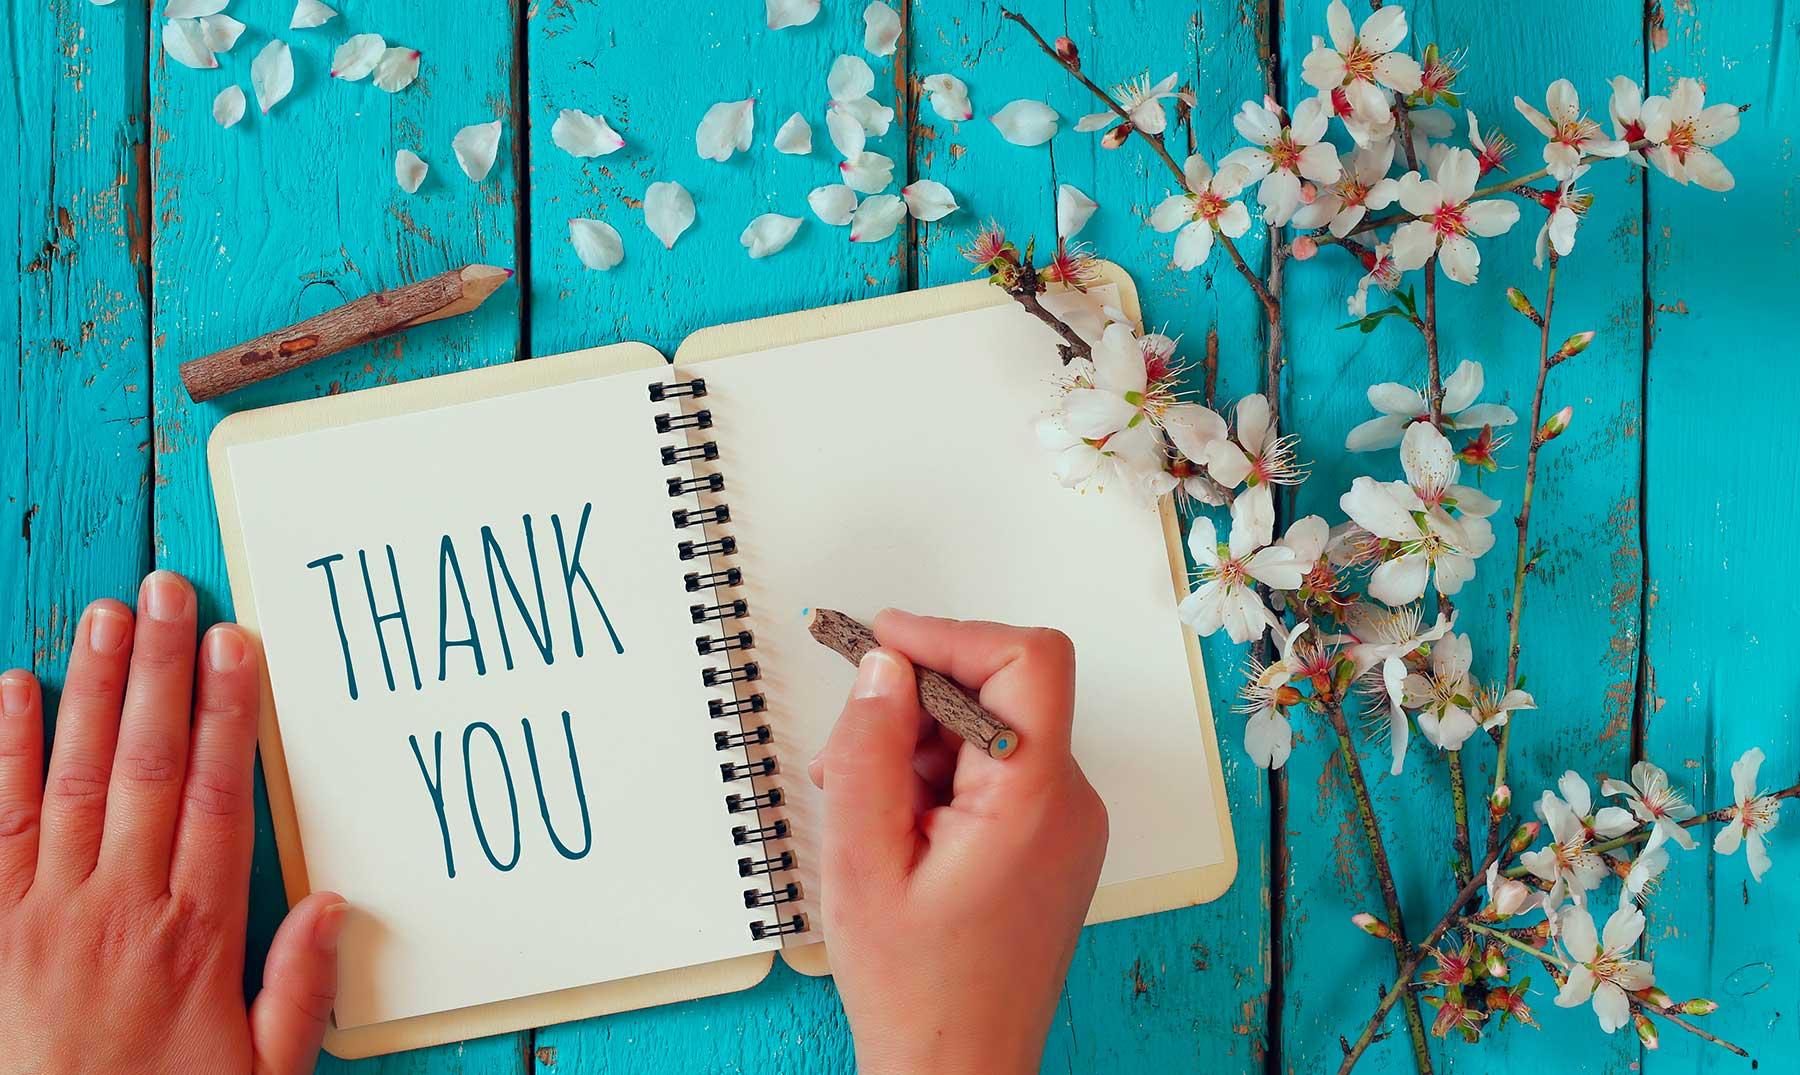 130 Frases De Agradecimiento Para Valorar Los Detalles Frases De